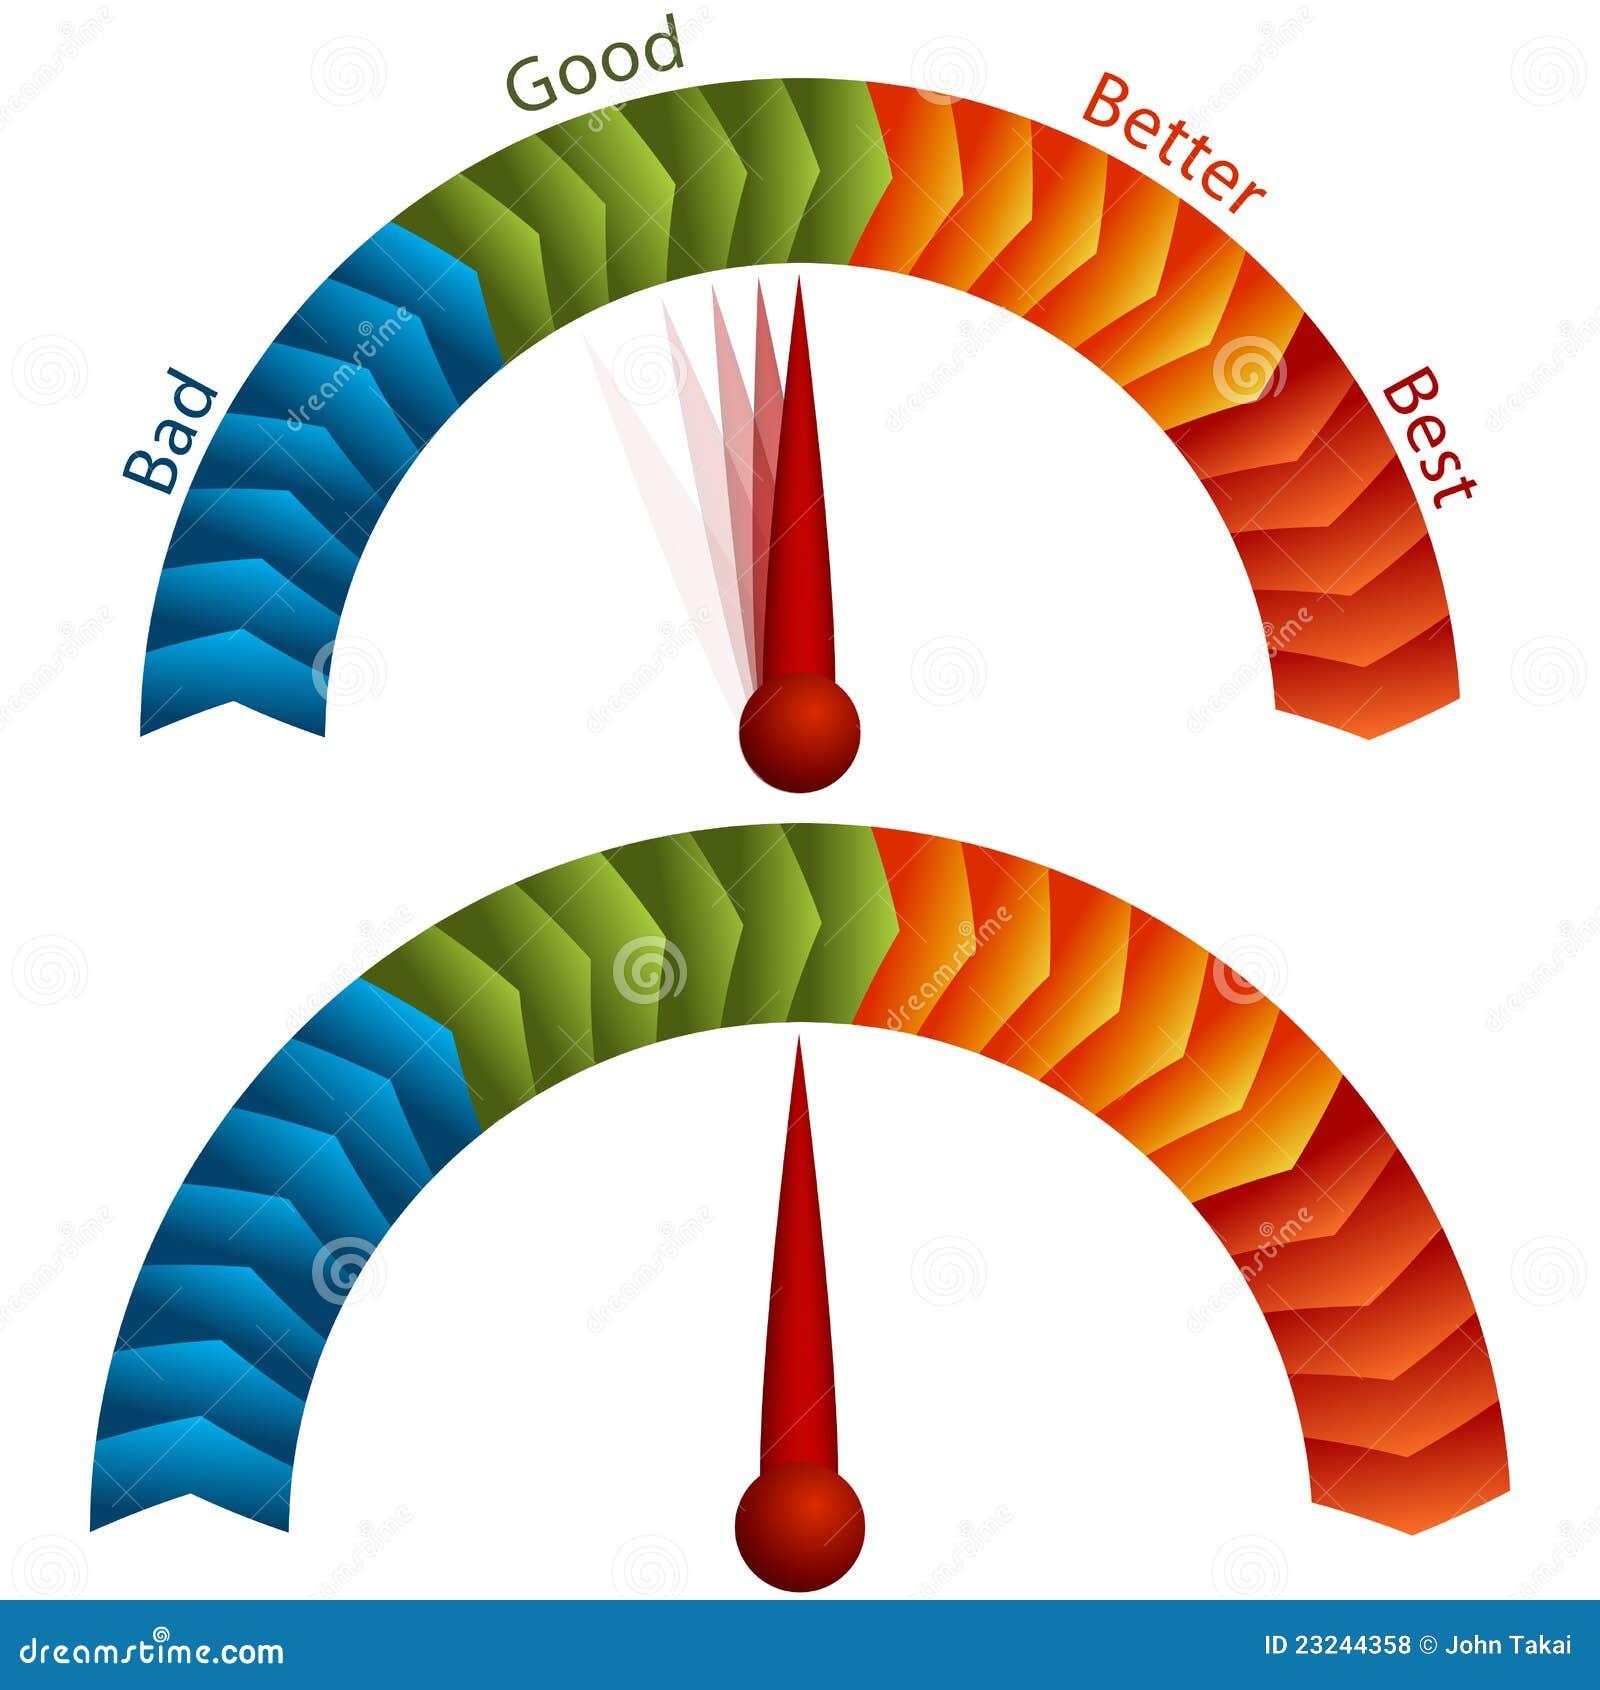 Good Bad Better Best Rating Meter Stock Vector